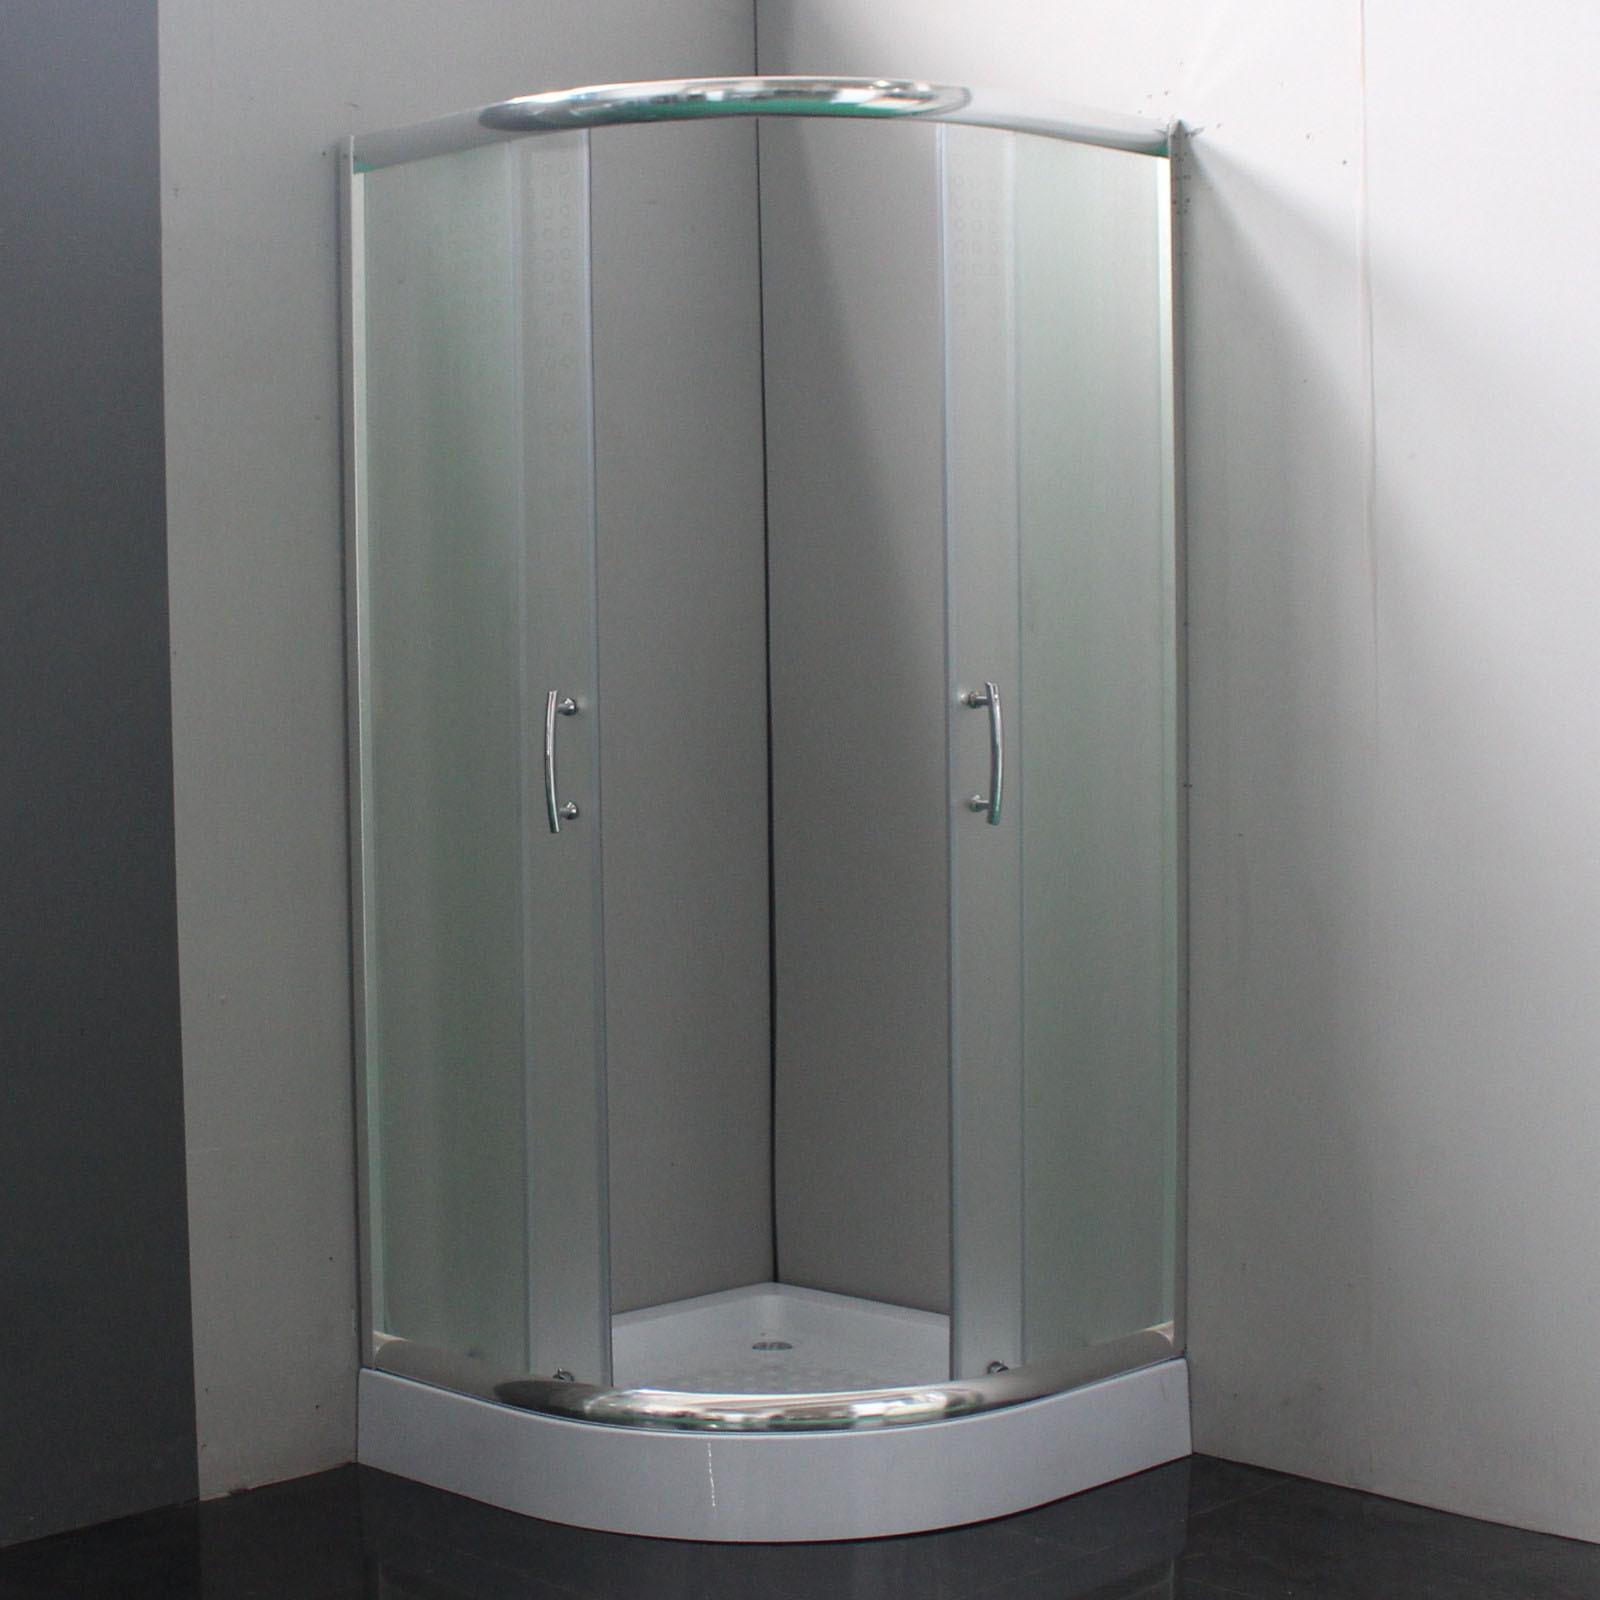 Super bath Bồn đứng tắm Quảng bá thương hiệu phòng tắm trực tiếp phòng tắm khô và ướt phân vùng vách